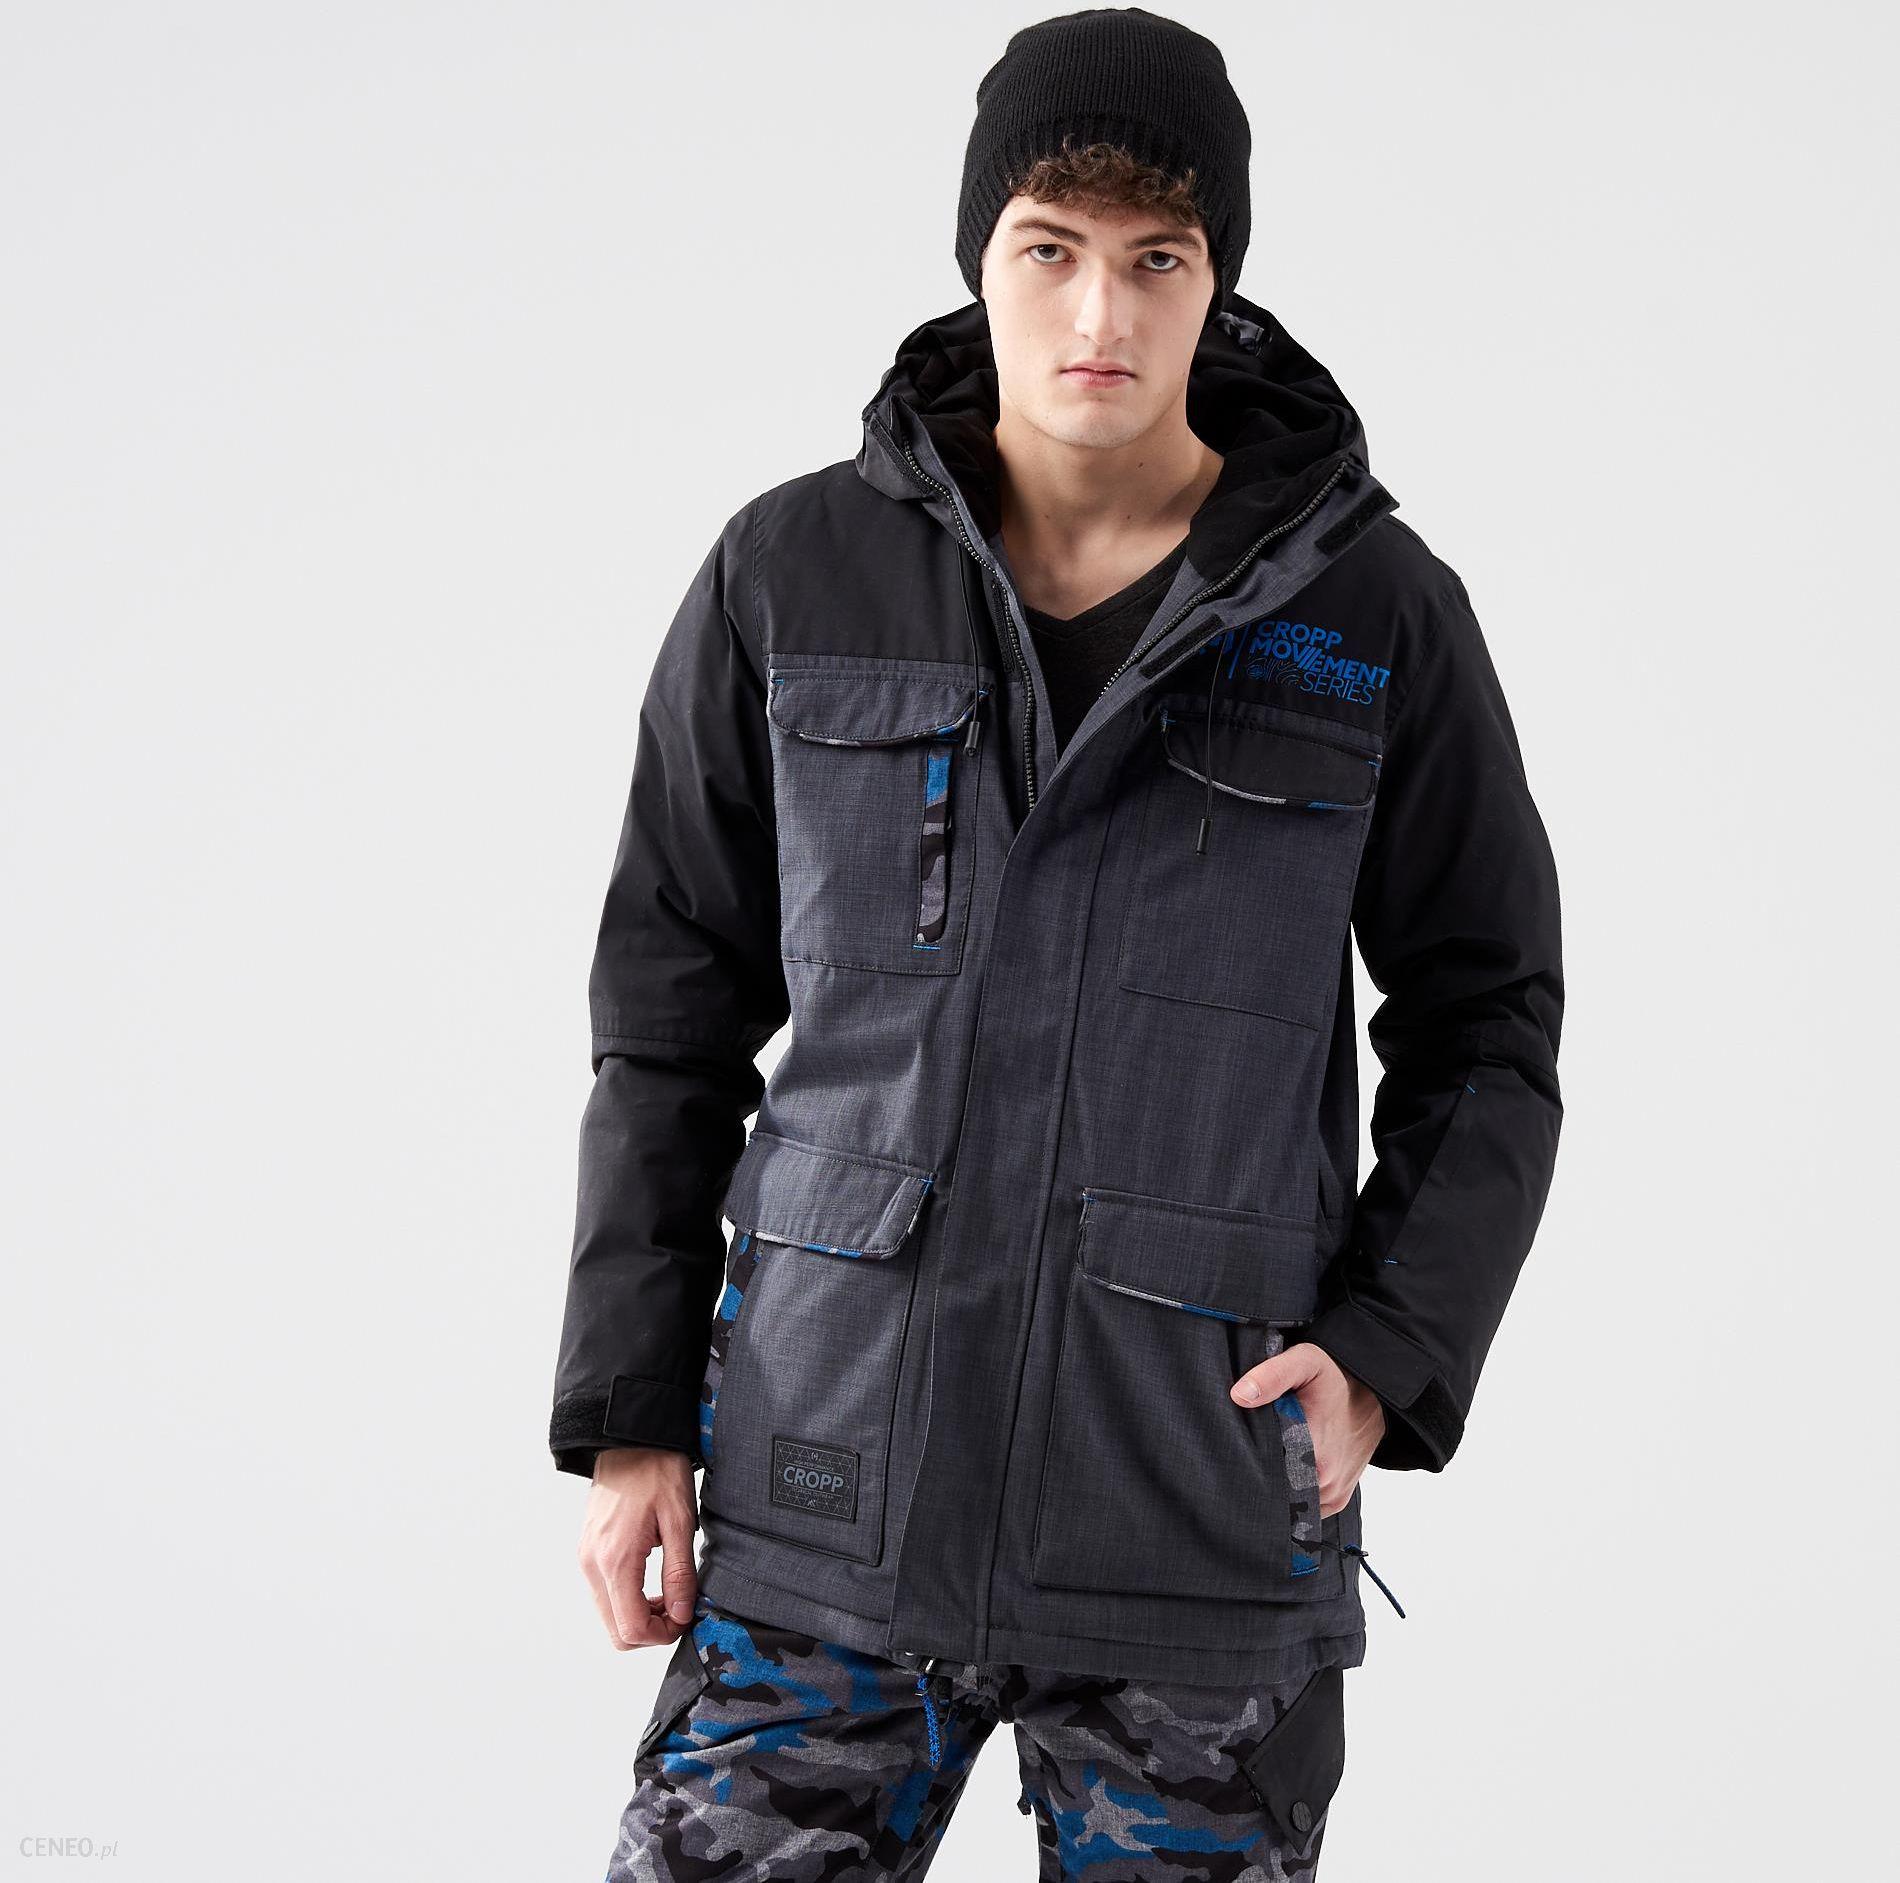 Cropp Zimowa kurtka narciarska Szary męska